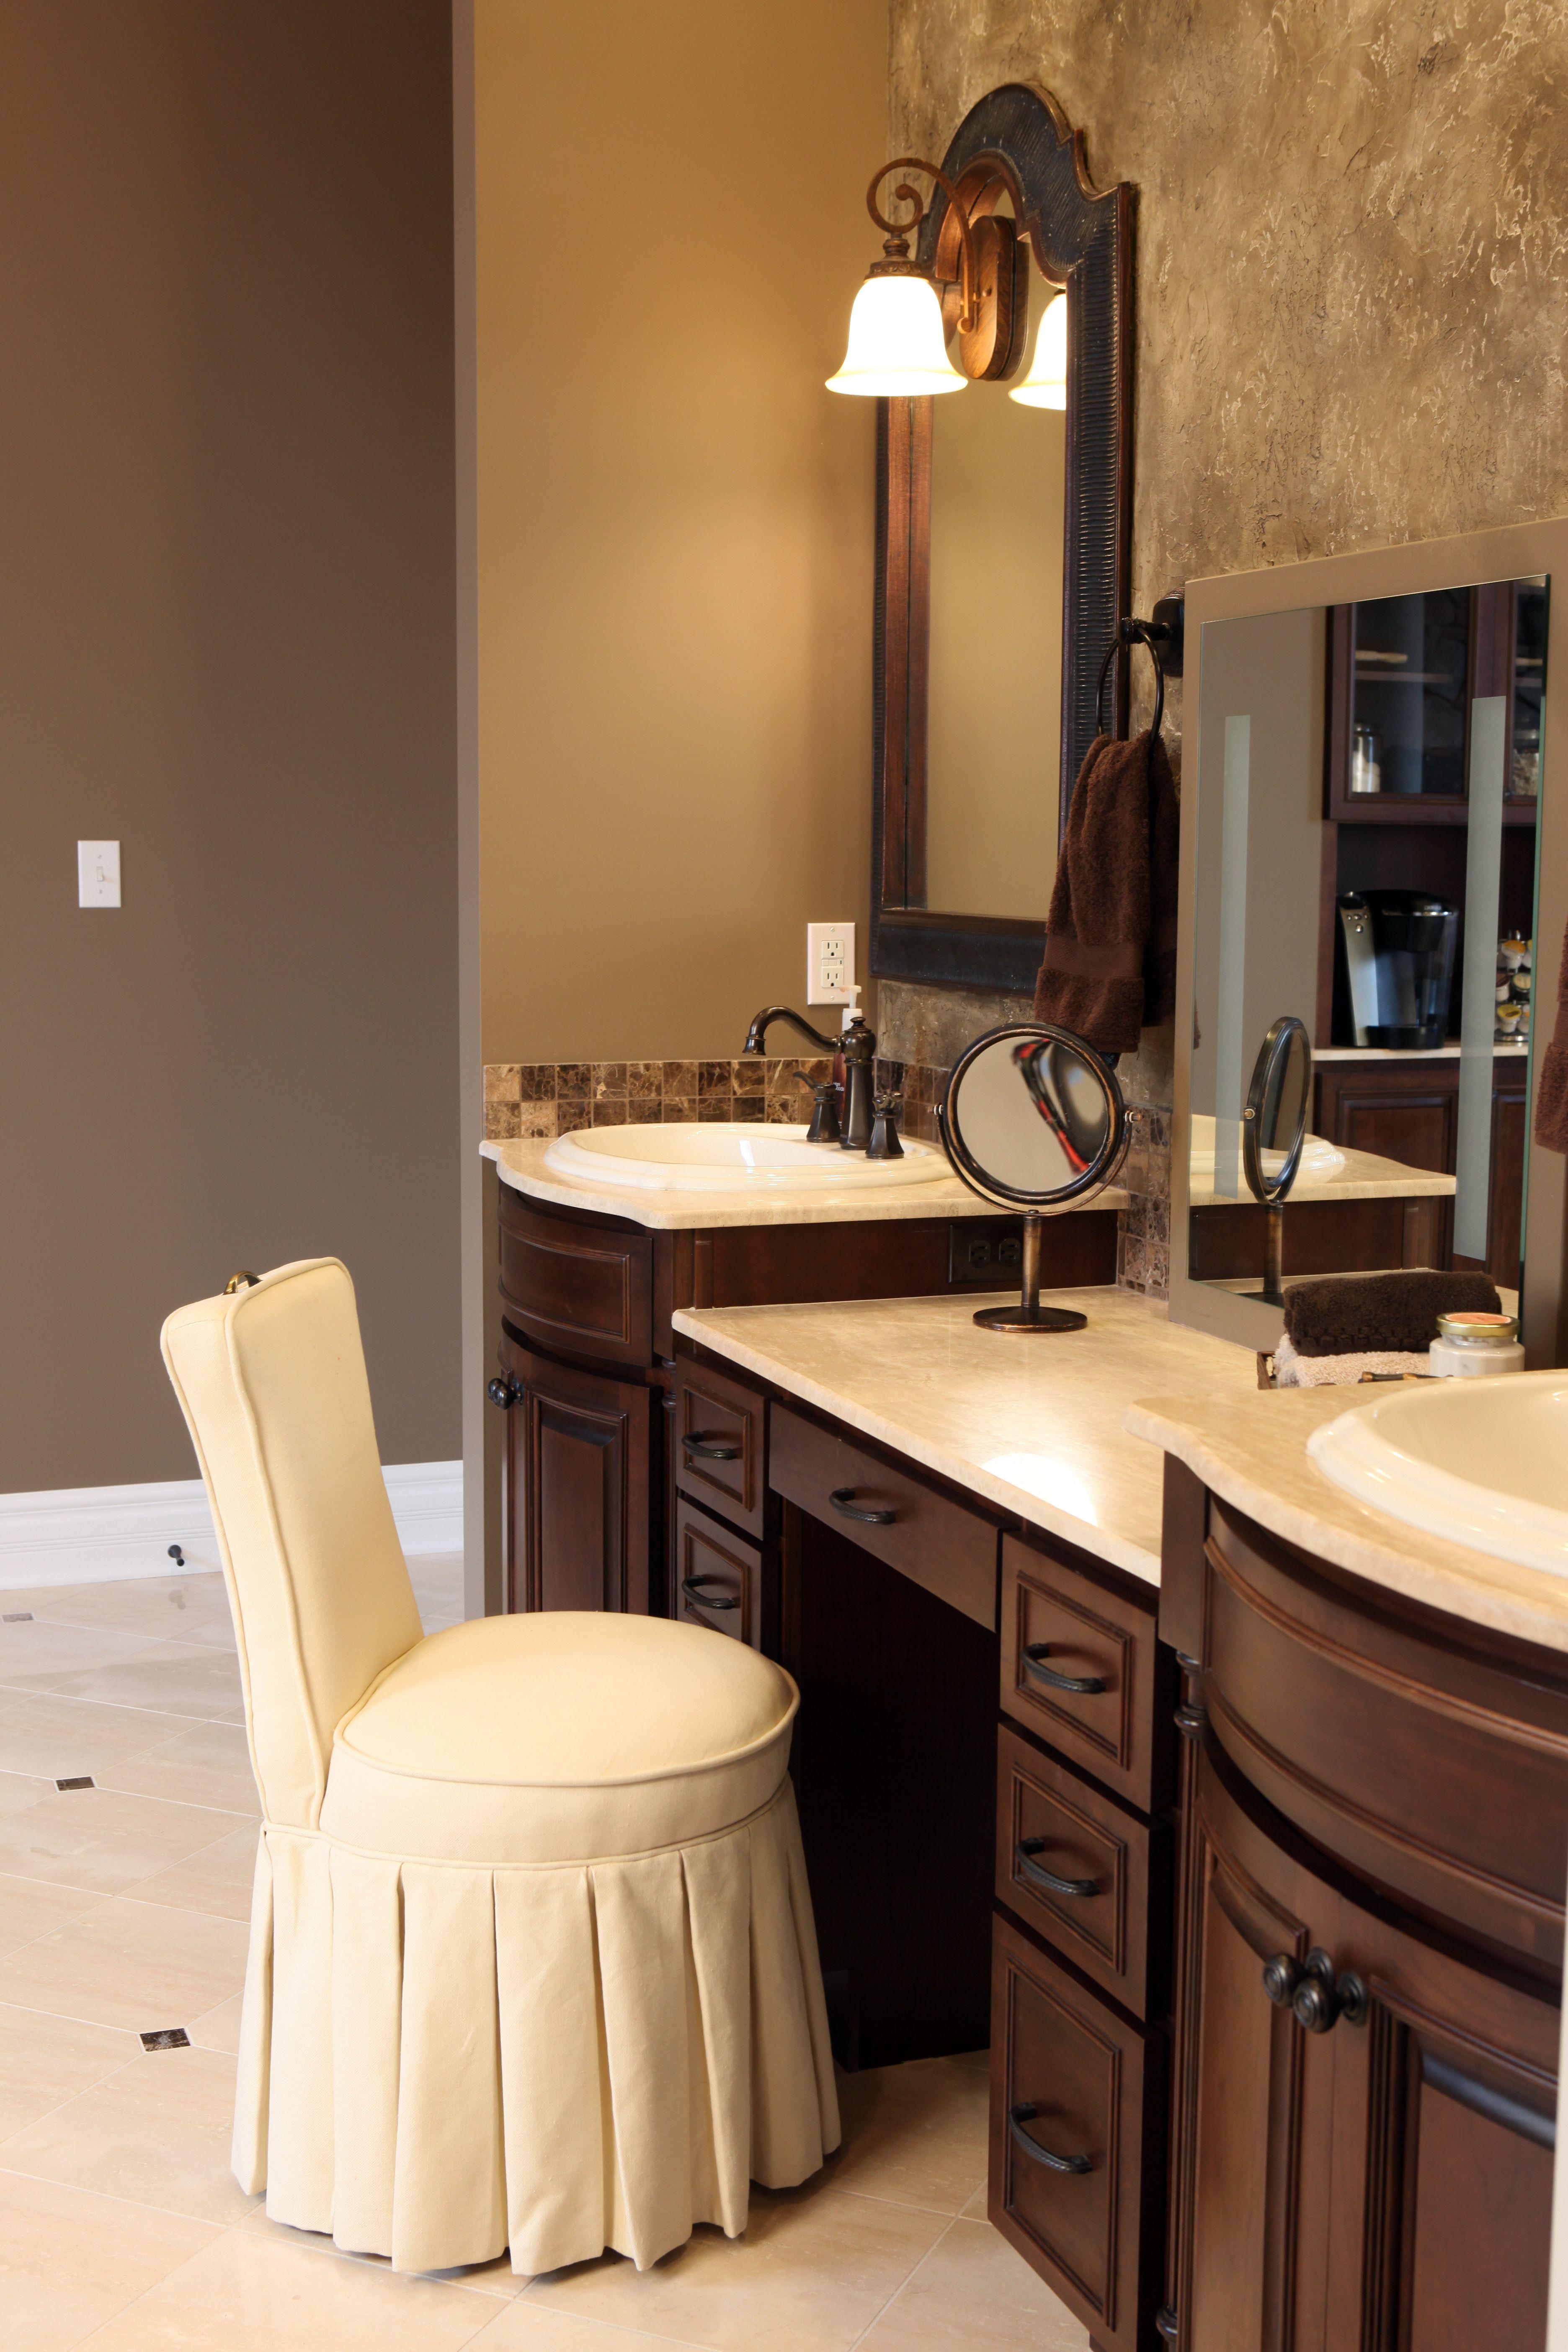 bathroom vanity majestic homes remodeling pinterest on custom bathroom vanity plans id=13985